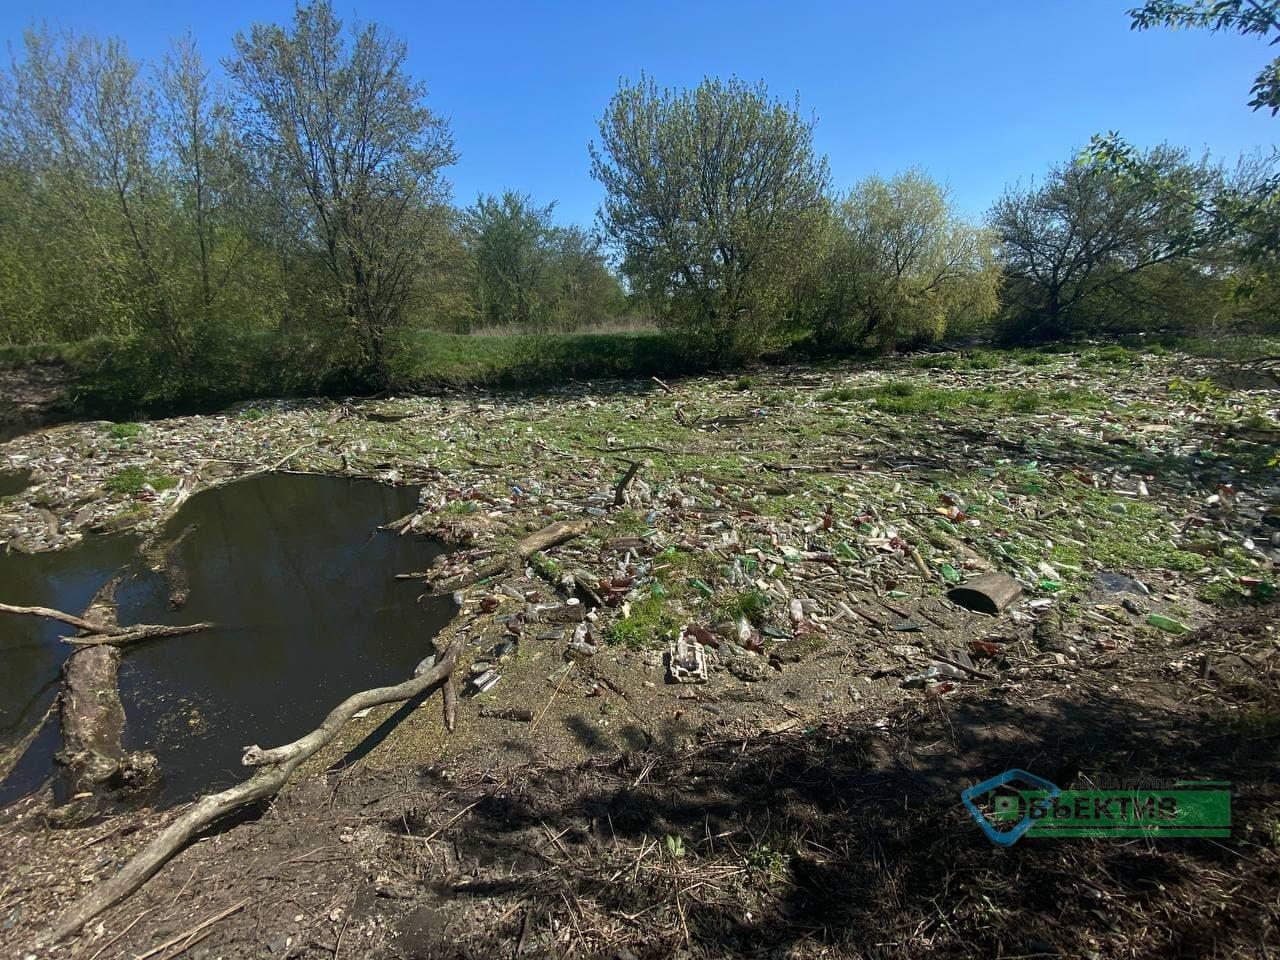 Харьковские экоактивисты планируют расчистить речку Уды (фото, видео)